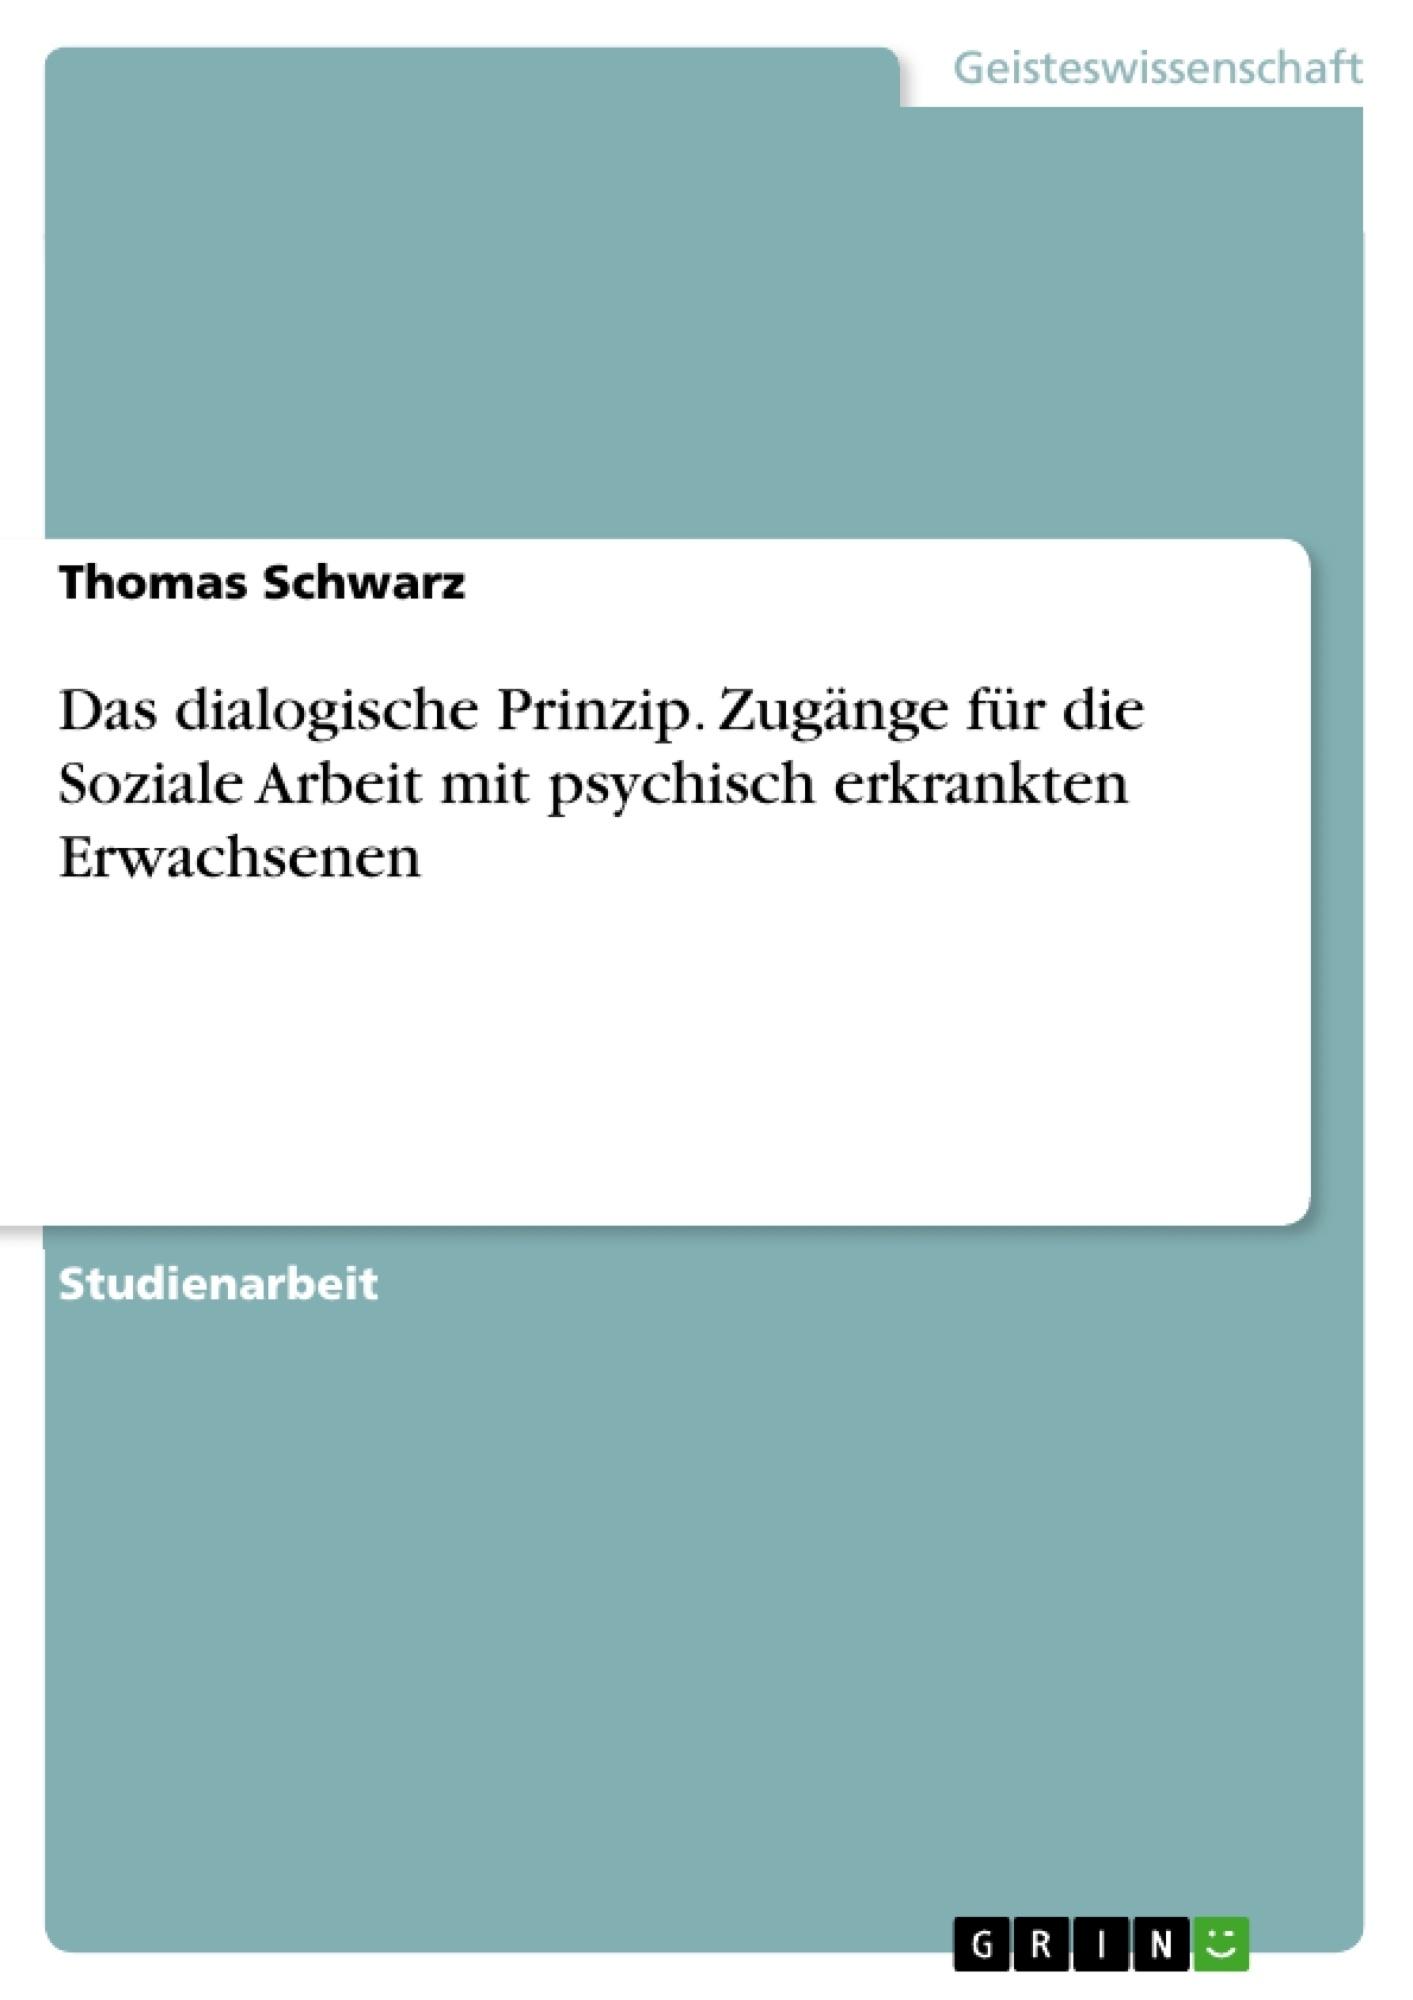 Titel: Das dialogische Prinzip. Zugänge für die Soziale Arbeit mit psychisch erkrankten Erwachsenen